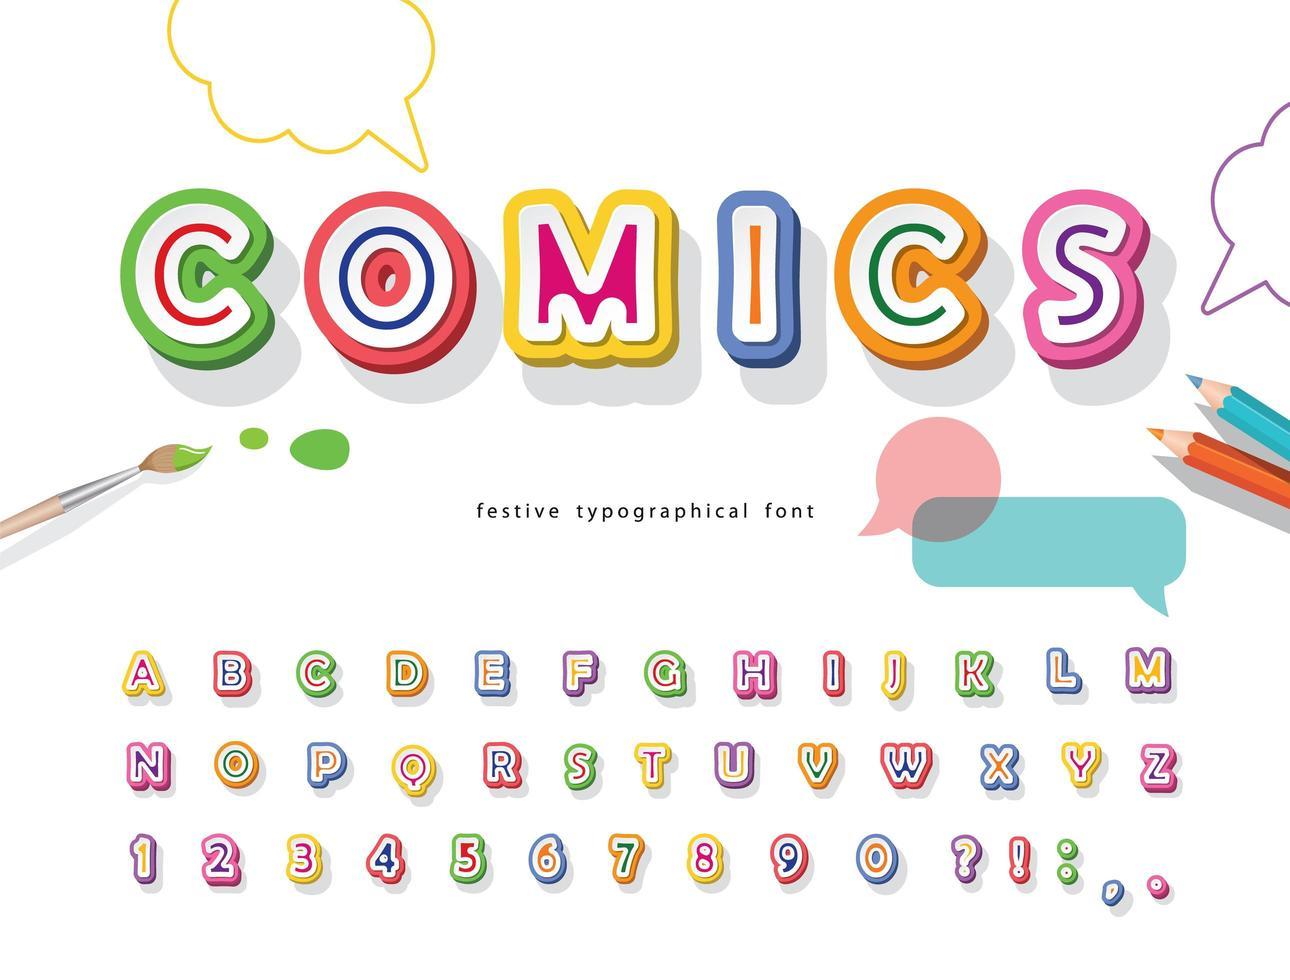 Bande dessinée 3d police. Papier de dessin animé découpé des lettres et des chiffres ABC. vecteur